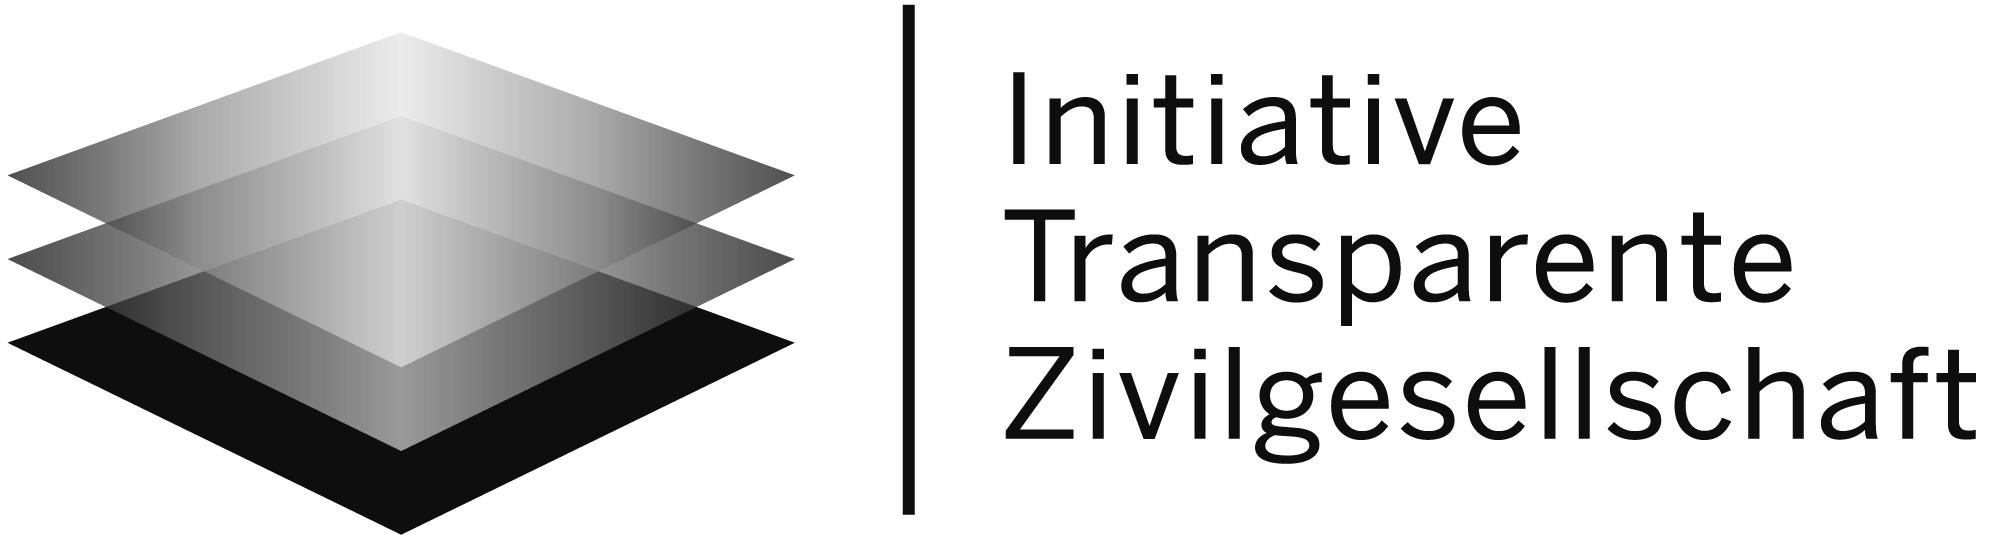 Der advd ist Mitglied der Initiative Transparente Zivilgesellschaft